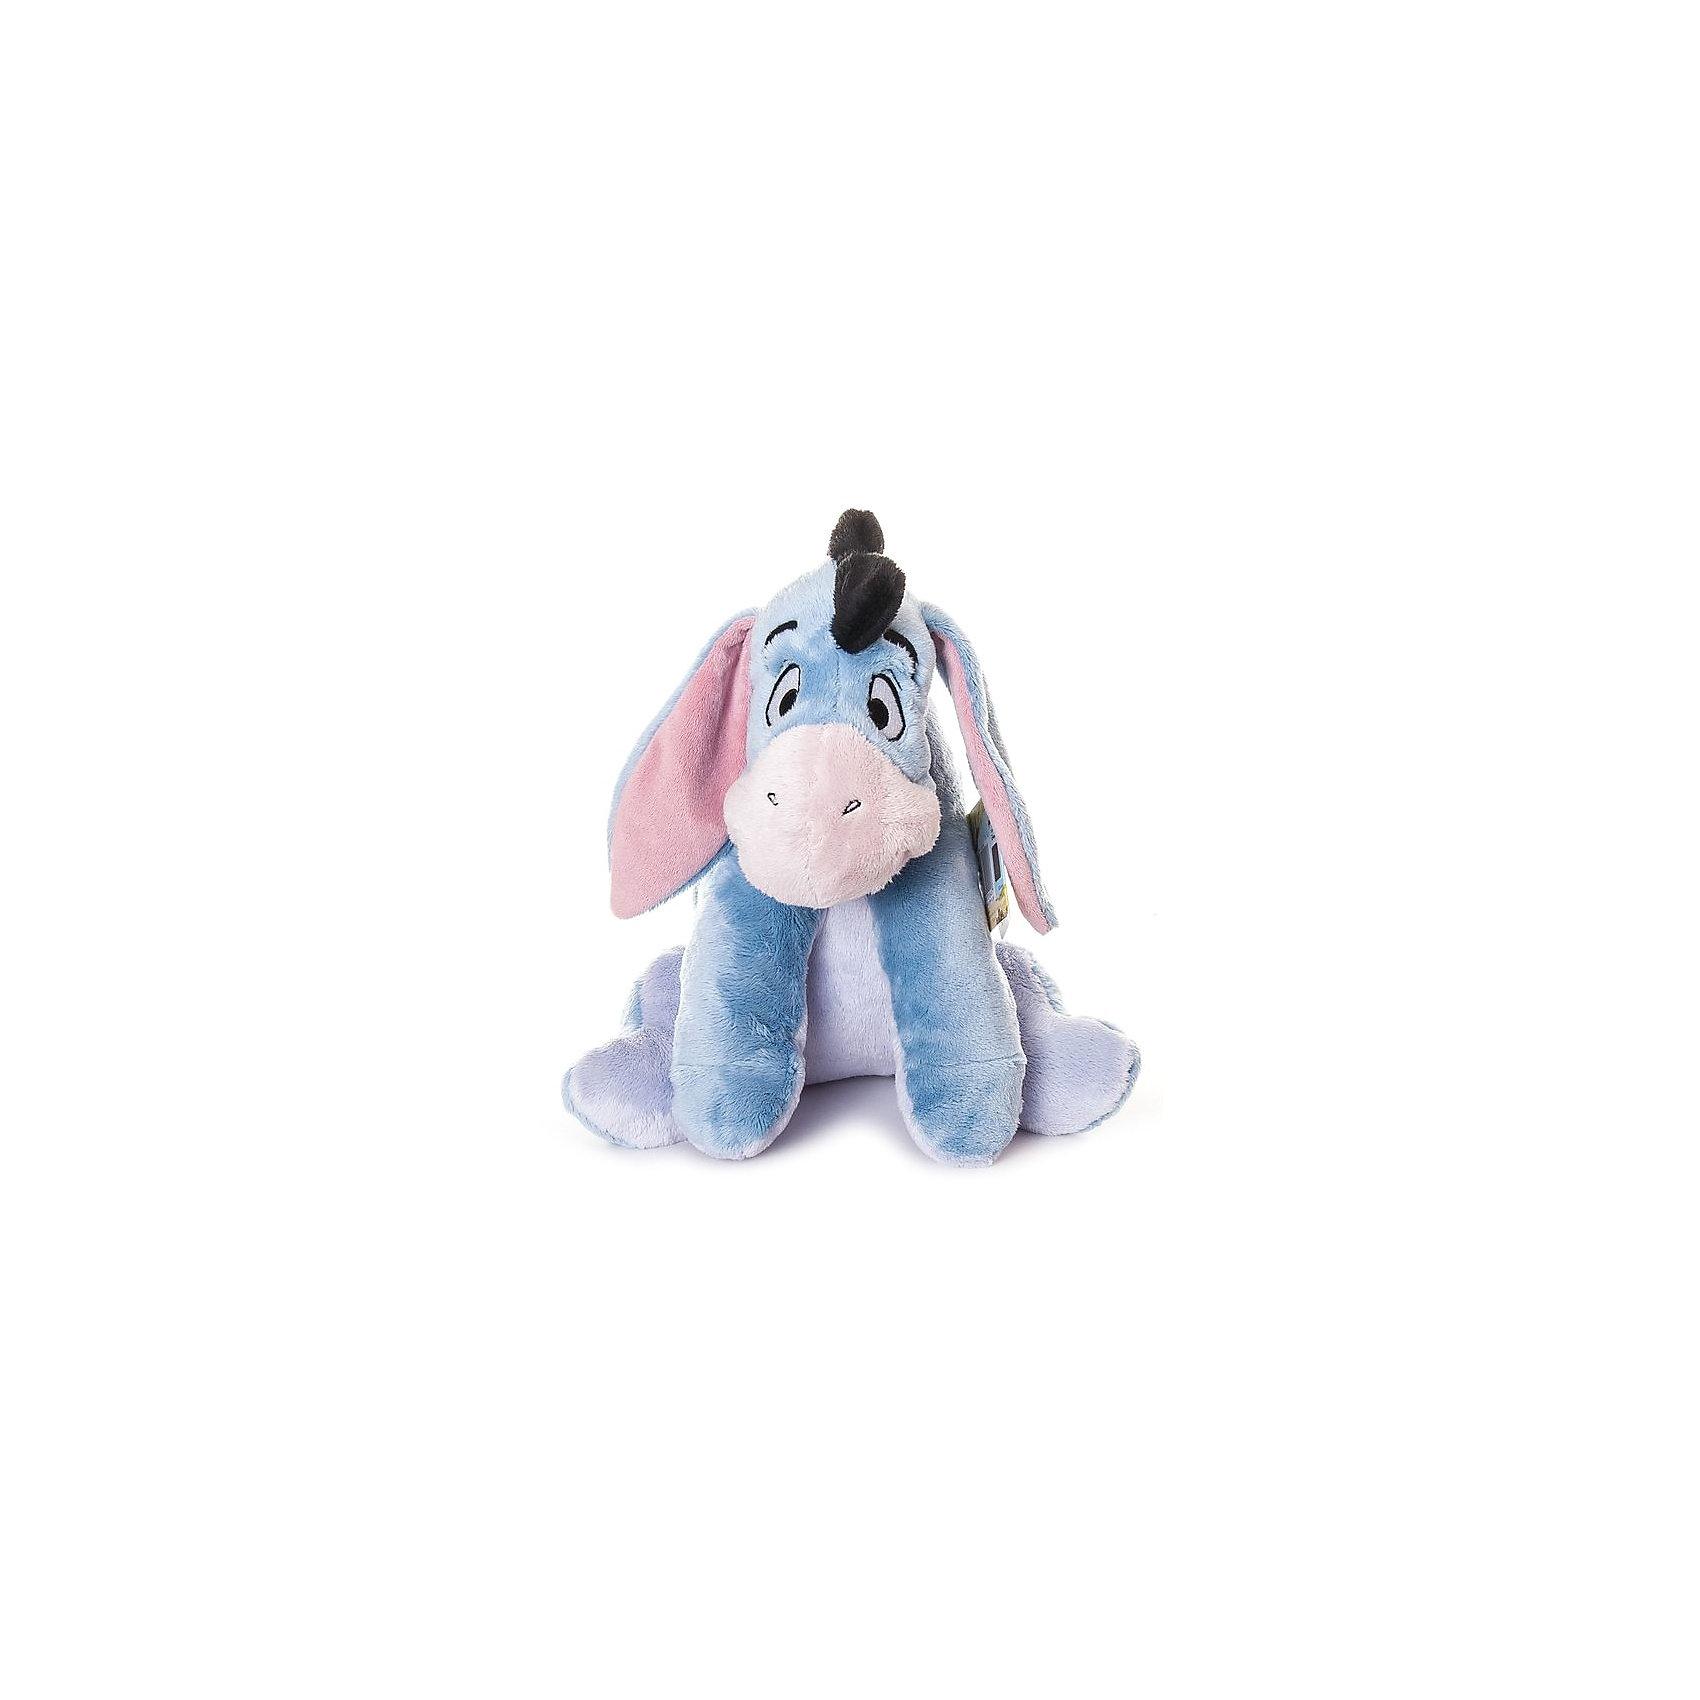 Disney Мягкая игрушка Ушастик, 35 см, Винни Пух окт кресло в ваннуокт disney винни пух нескольз желтый